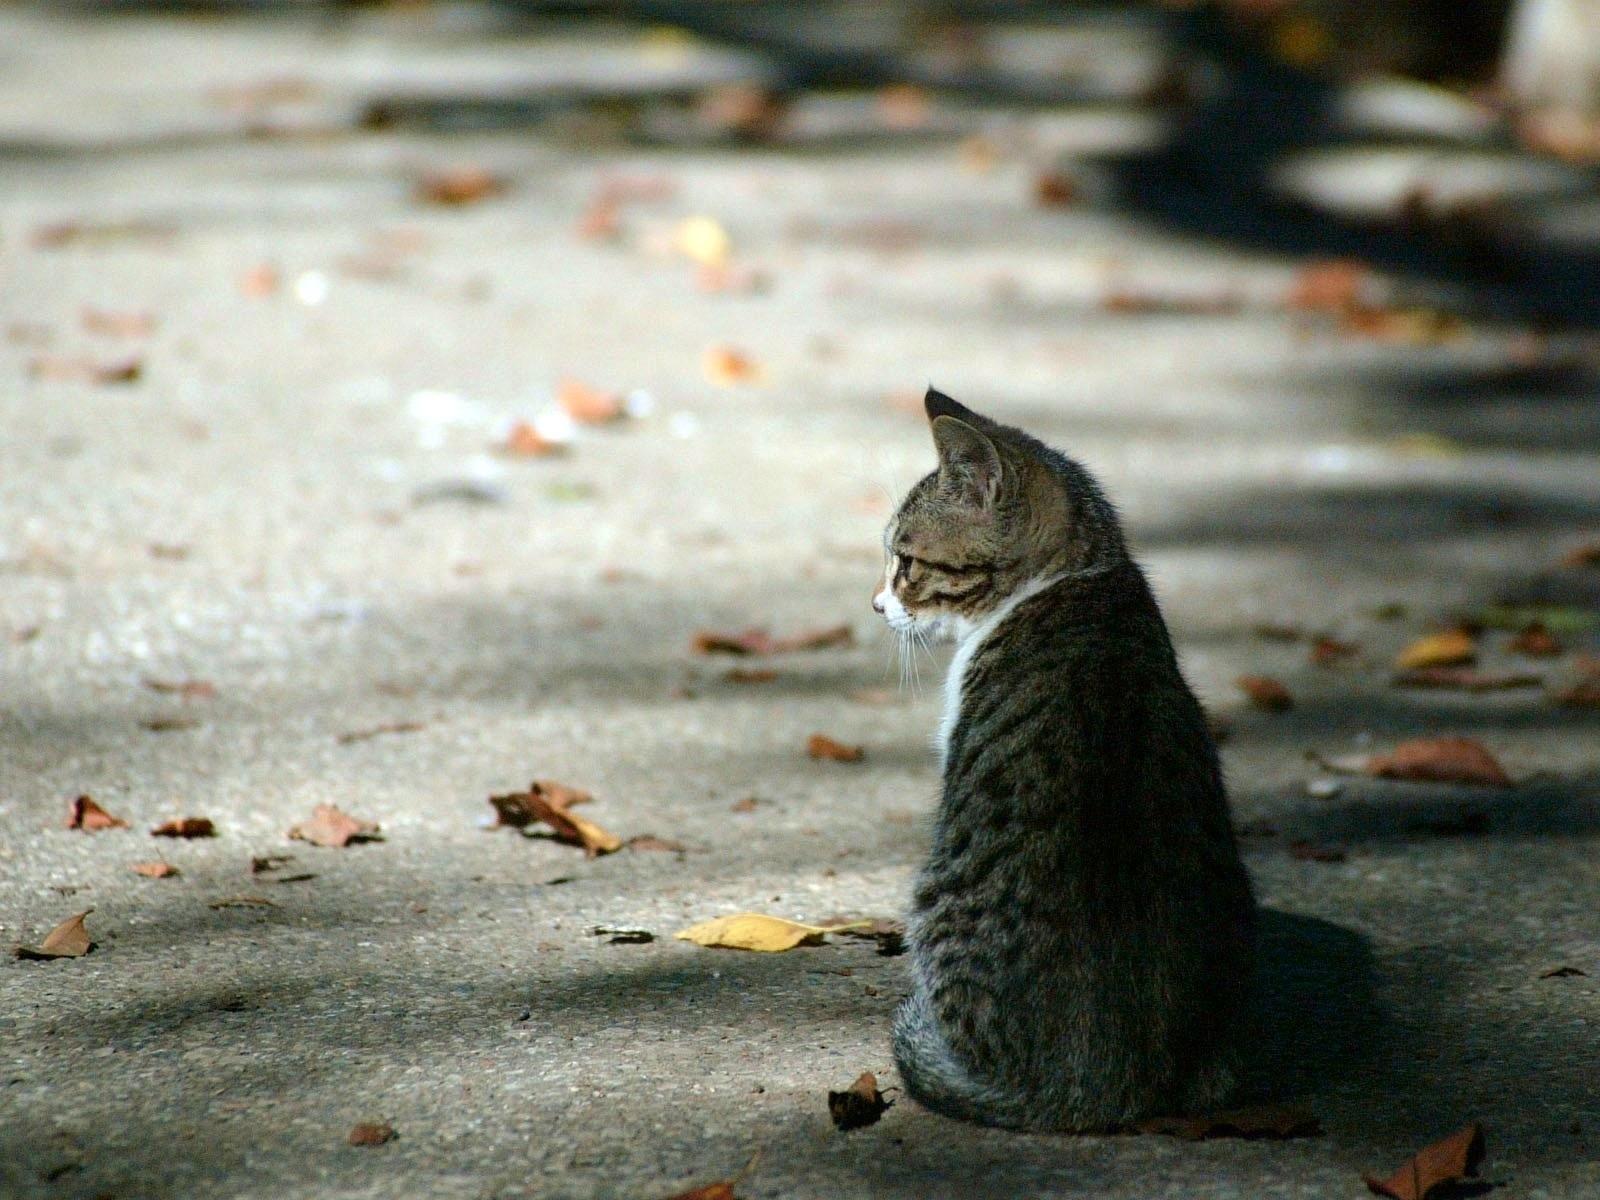 У Луцьку знайшли кішку без очей. ФОТО 18+